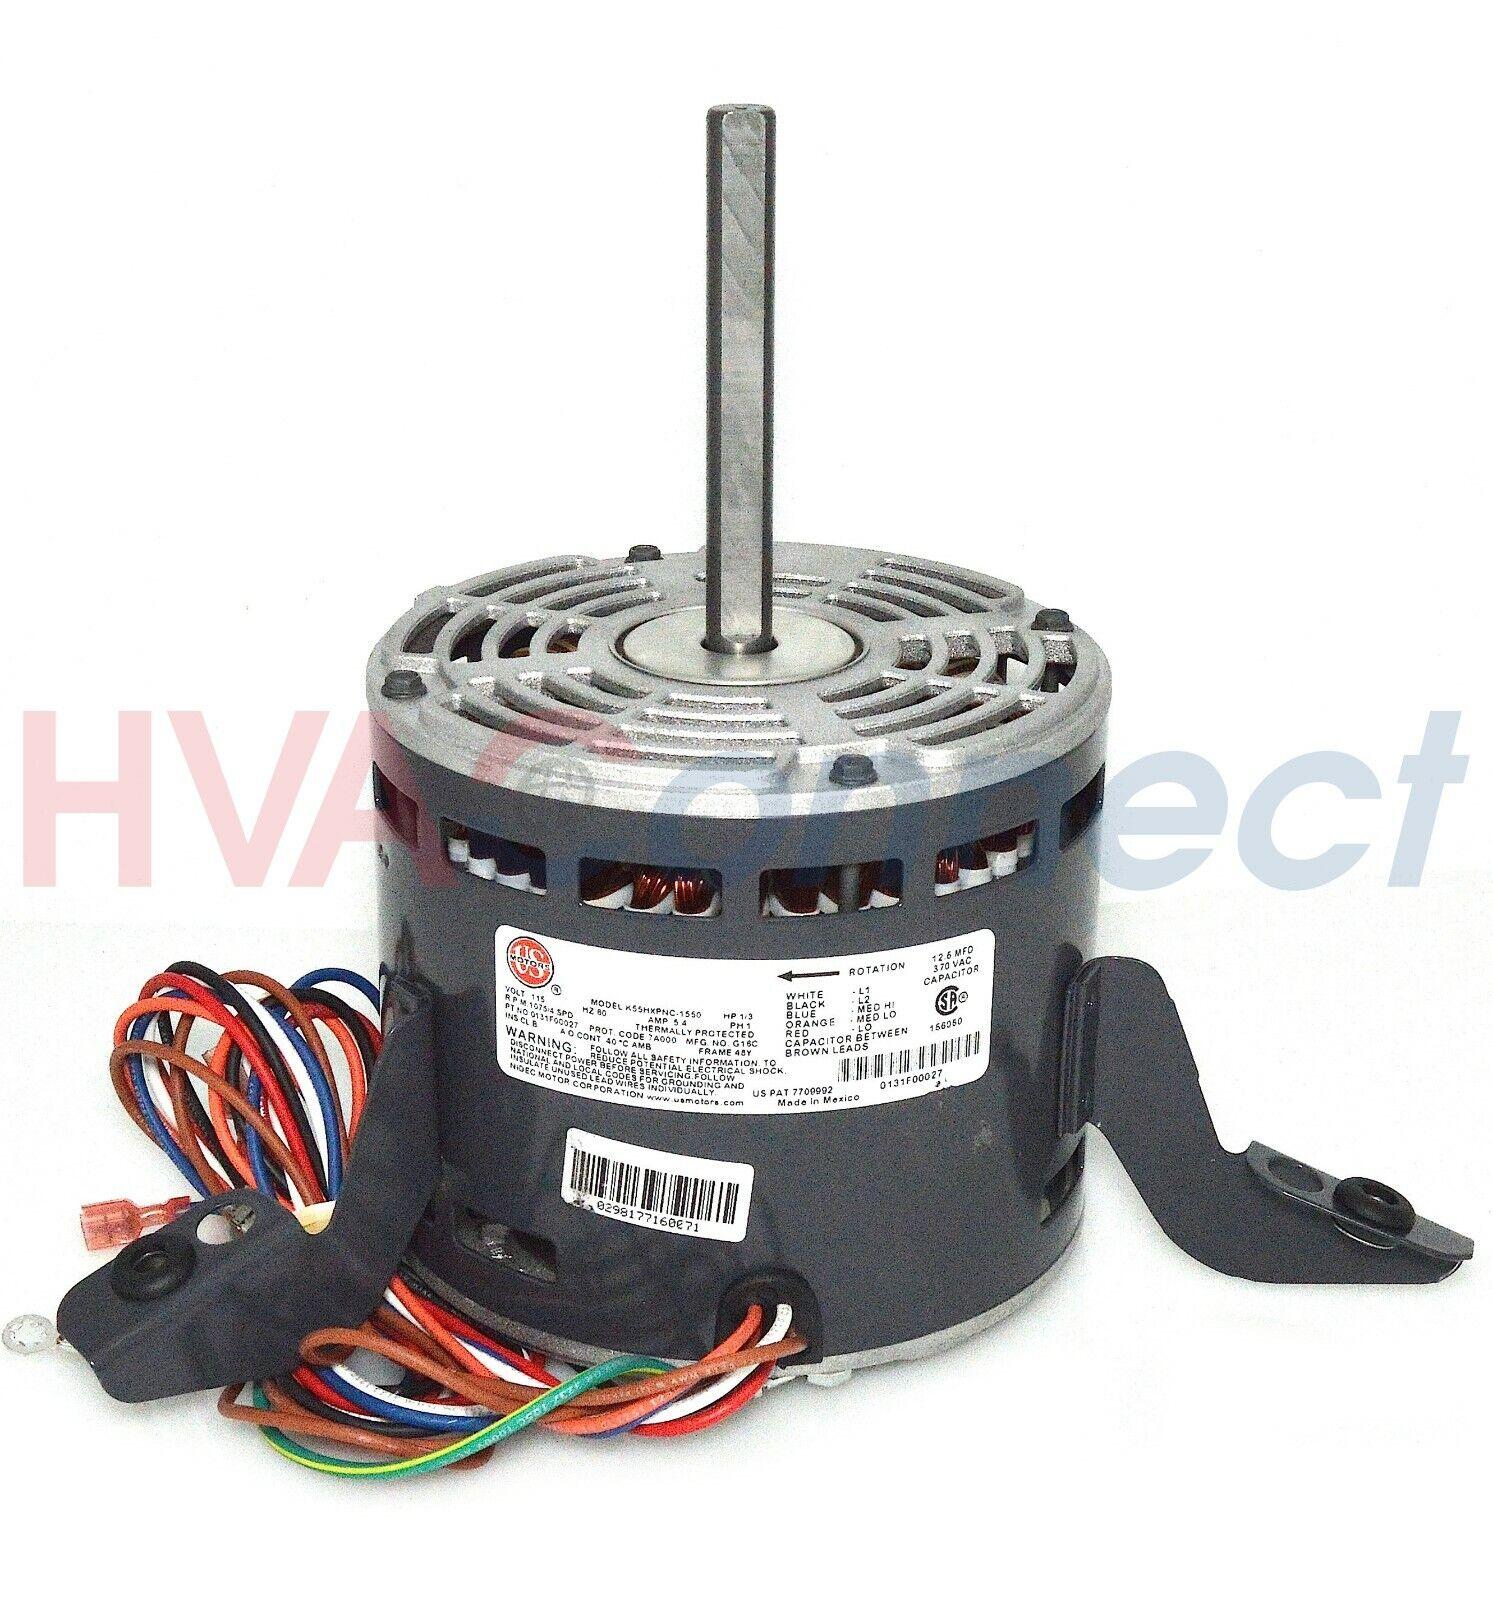 GE Genteq Goodman Janitrol Furnace BLOWER MOTOR 1/3 HP 115v